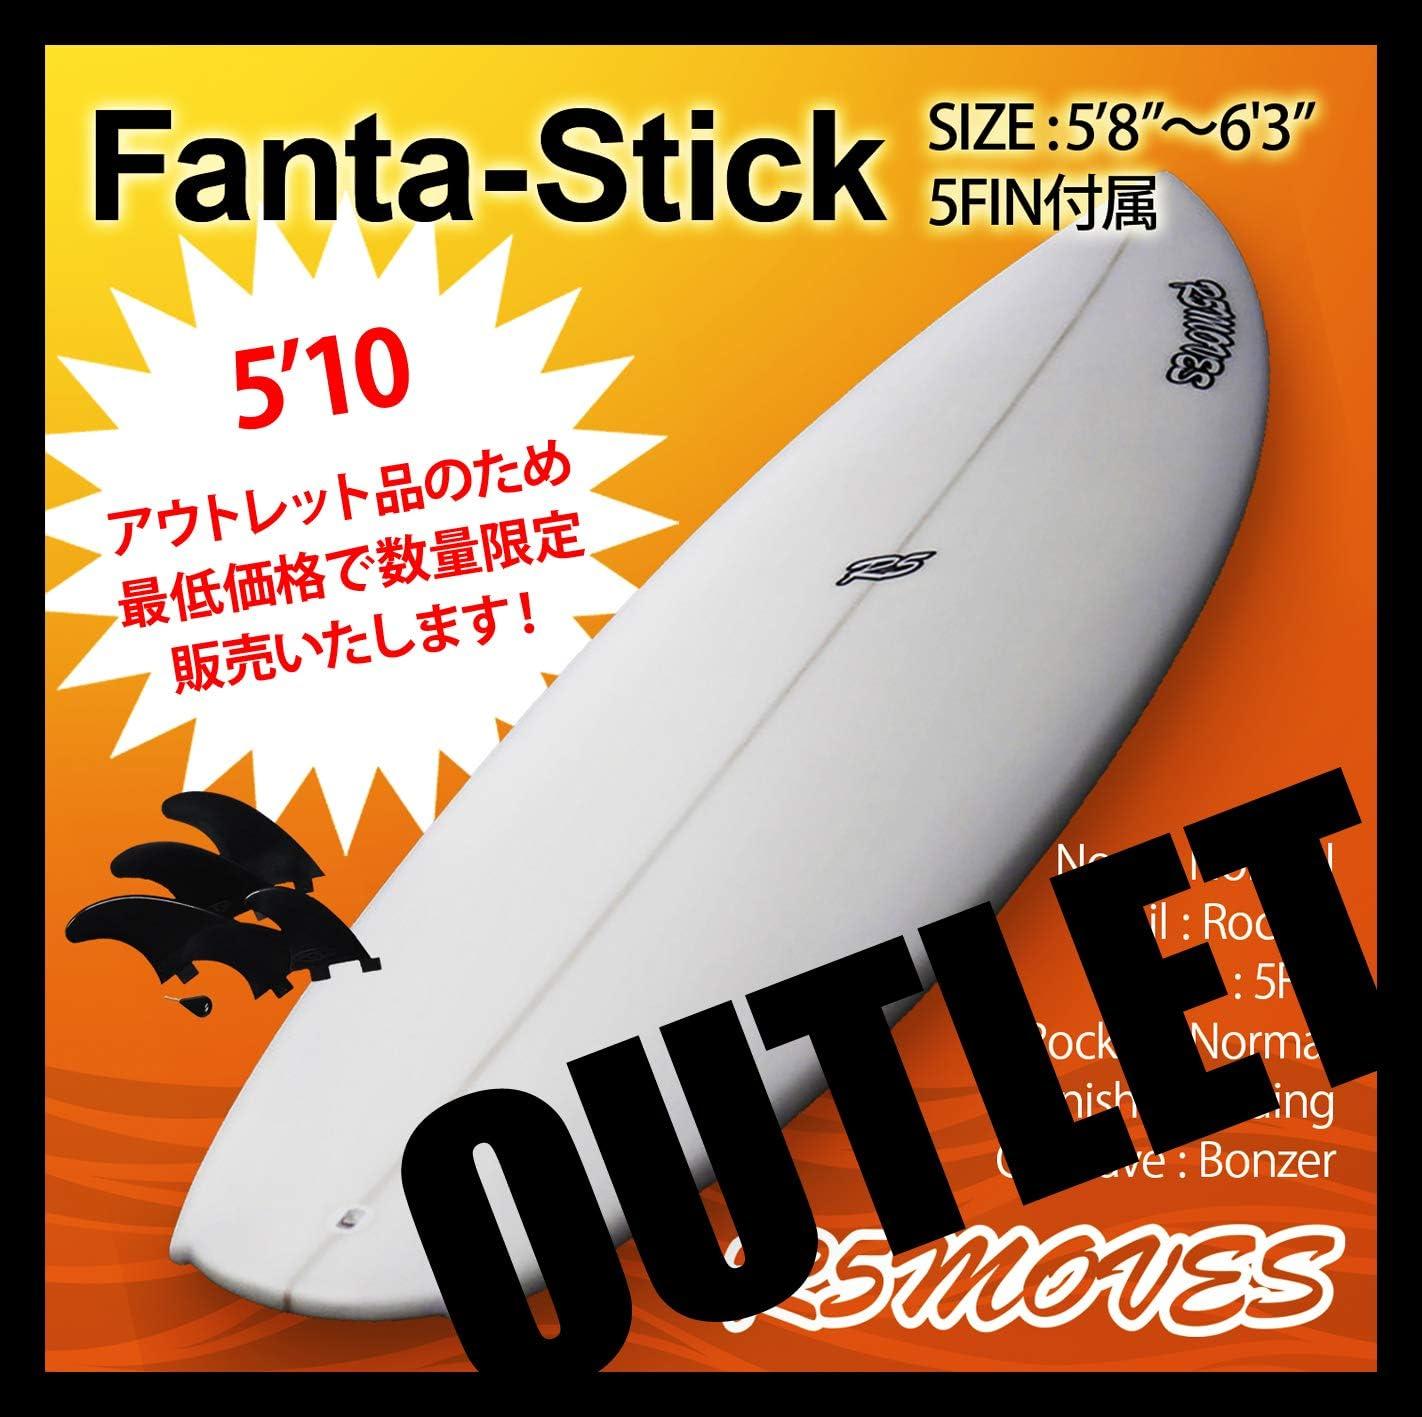 アウトレット サーフボード ショートボード R5MOVES Fanta-Stick 5'10